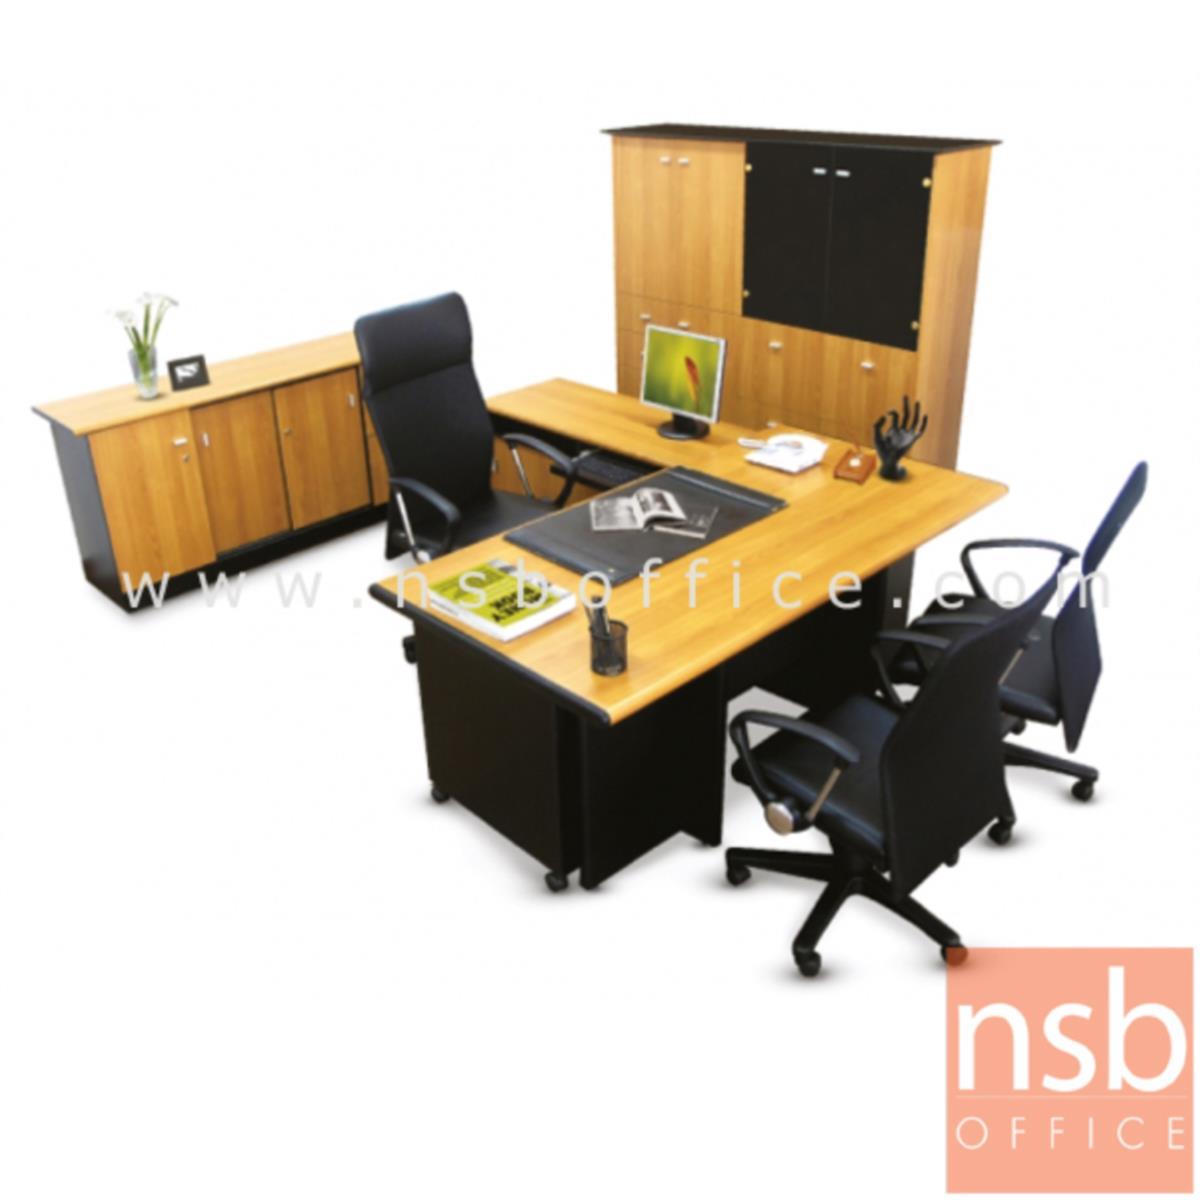 A13A007:โต๊ะผู้บริหารตัวแอล  รุ่น CXE ขนาด 180W1*210W2 cm.  สีเชอร์รี่-ดำ